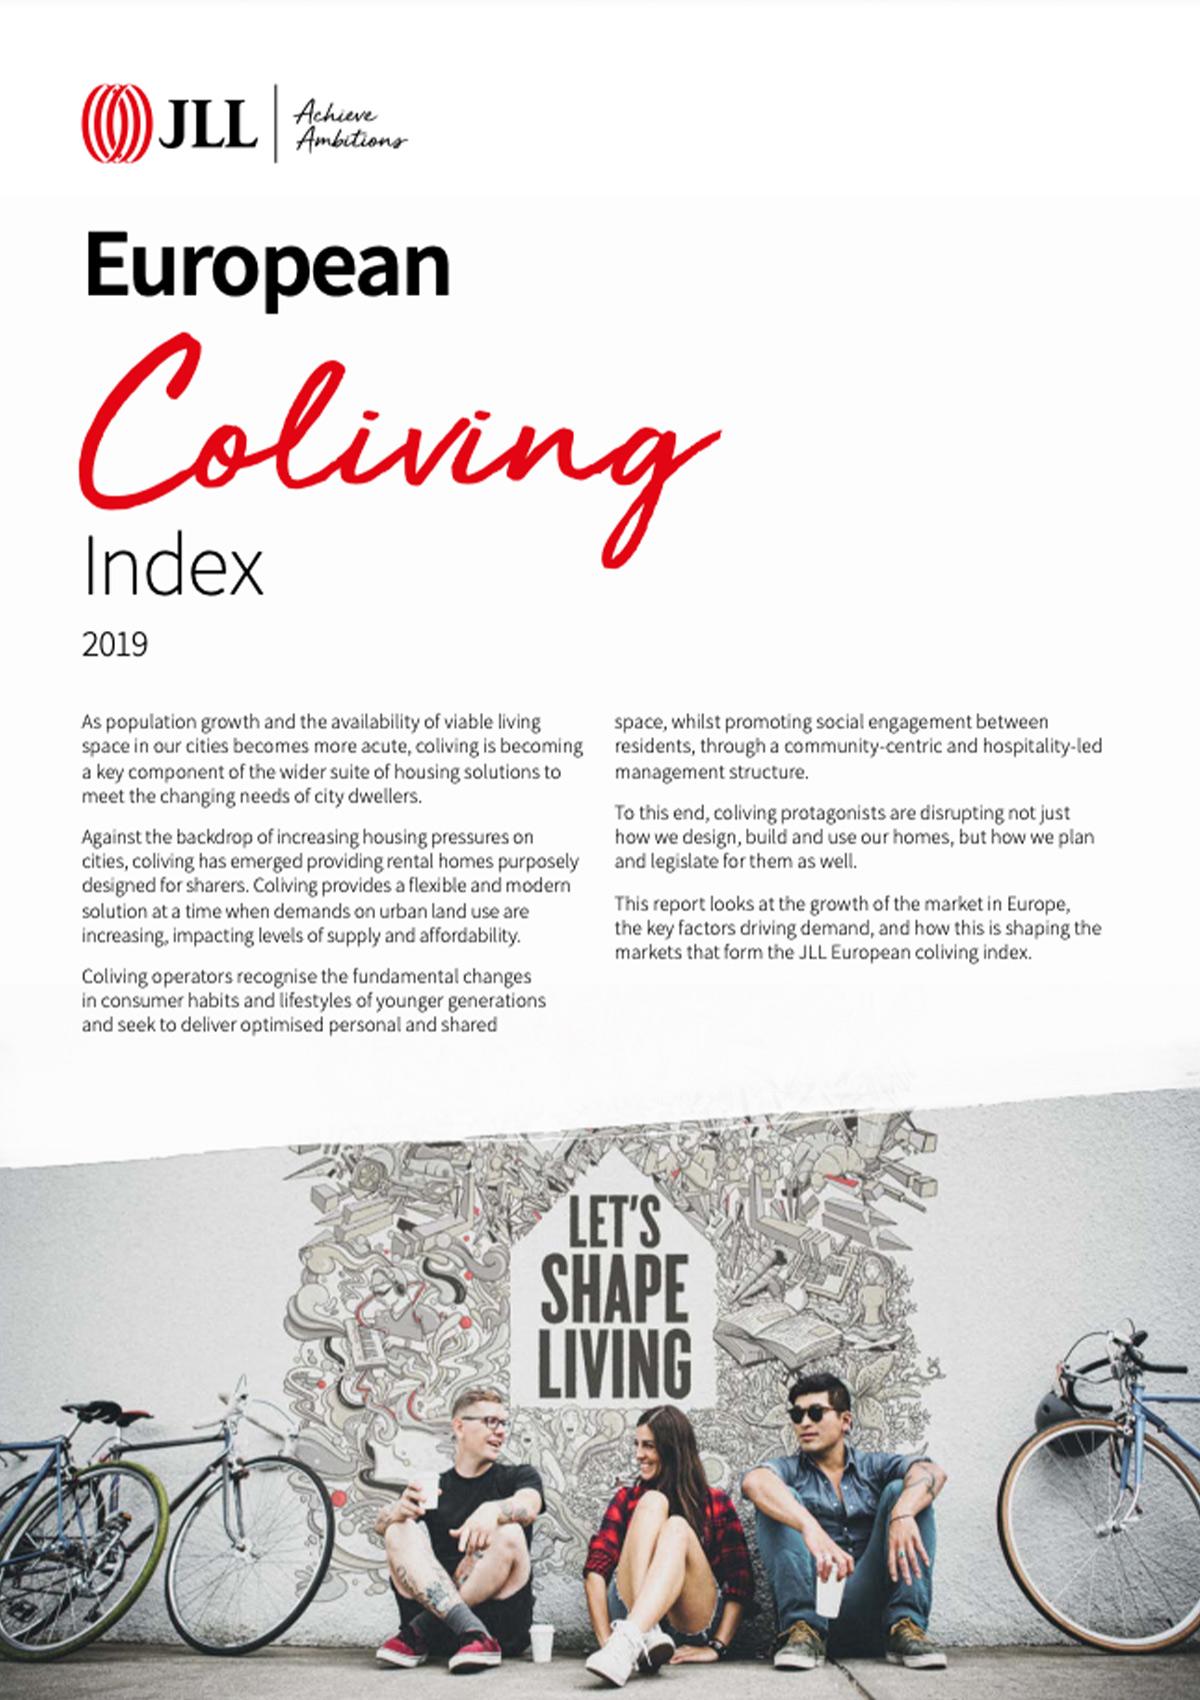 European Coliving Index